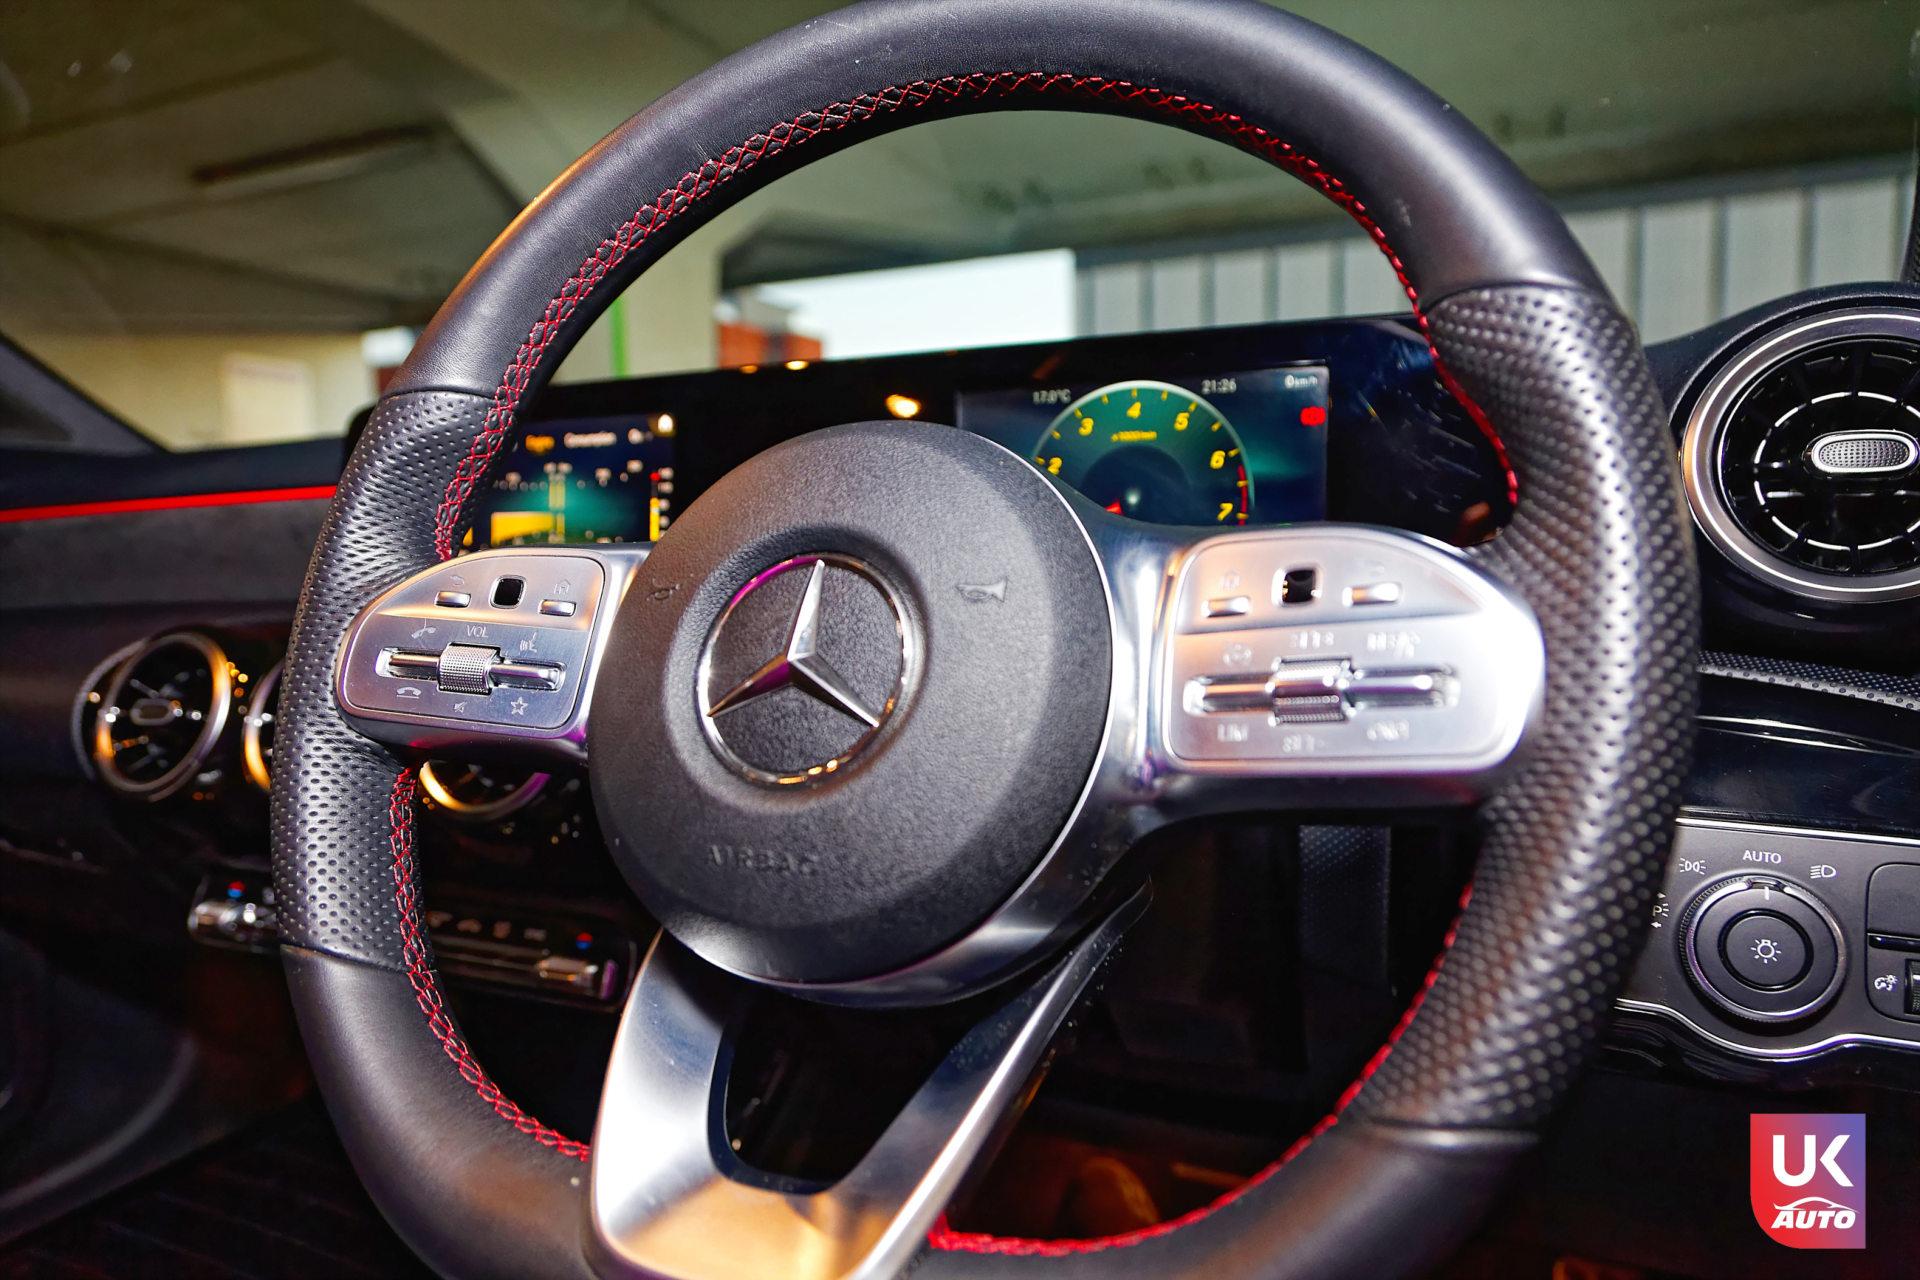 Mercedes uk mercedes angleterre mercedes a220 pack amg uk mercedes class a amg uk9 DxO - ACHAT ANGLETERRE MERCEDES C220 MERCEDES ANGLETERRE IMPORT UKAUTO.FR AUTOTRADER UK